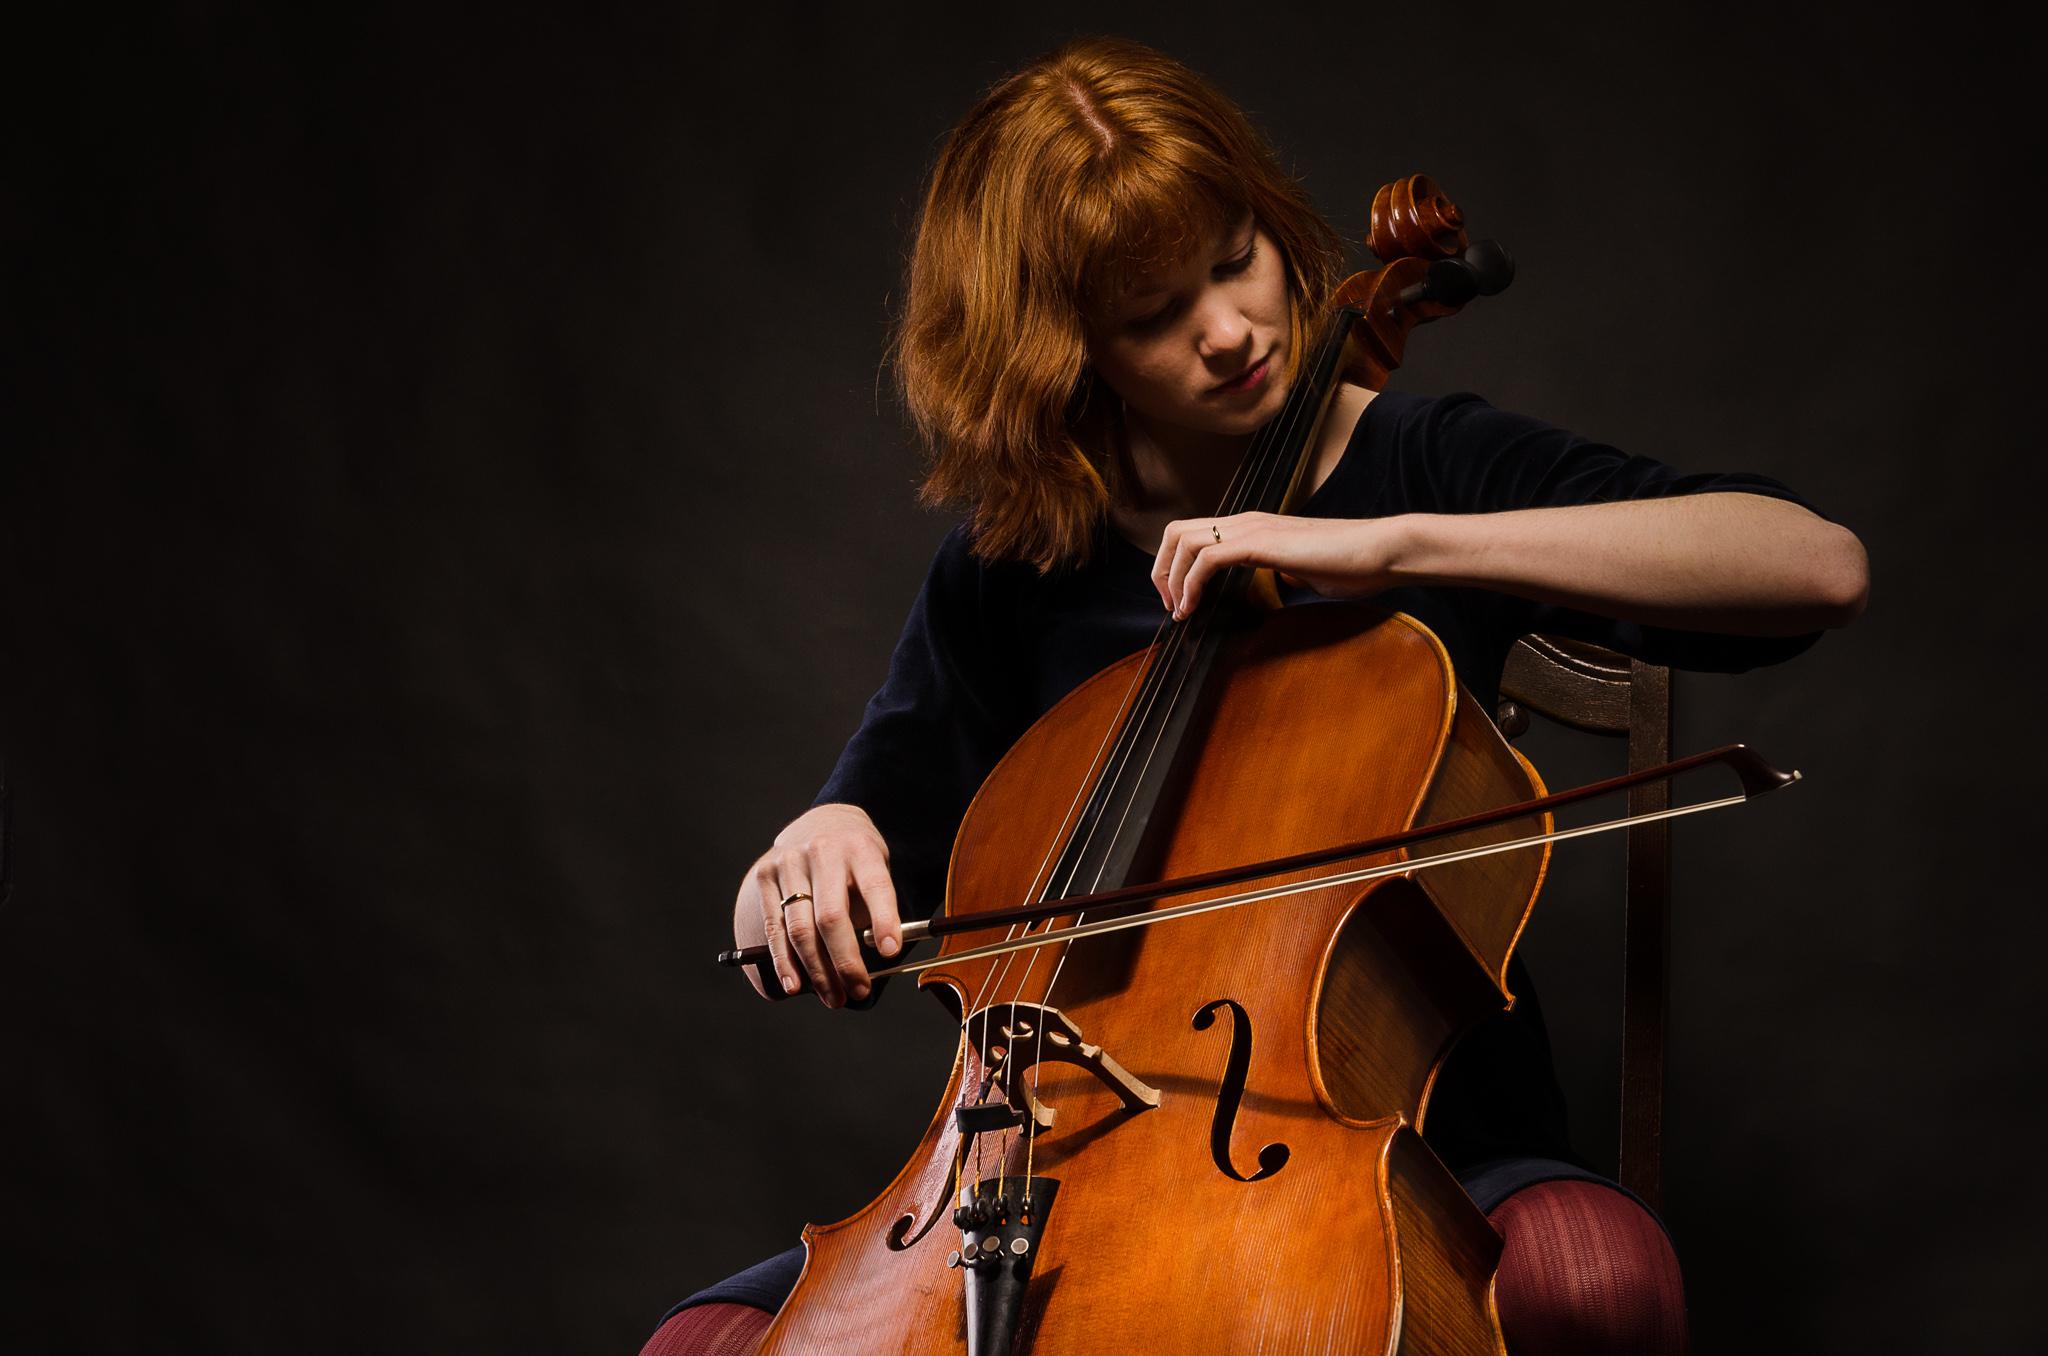 Cecilie & Cello